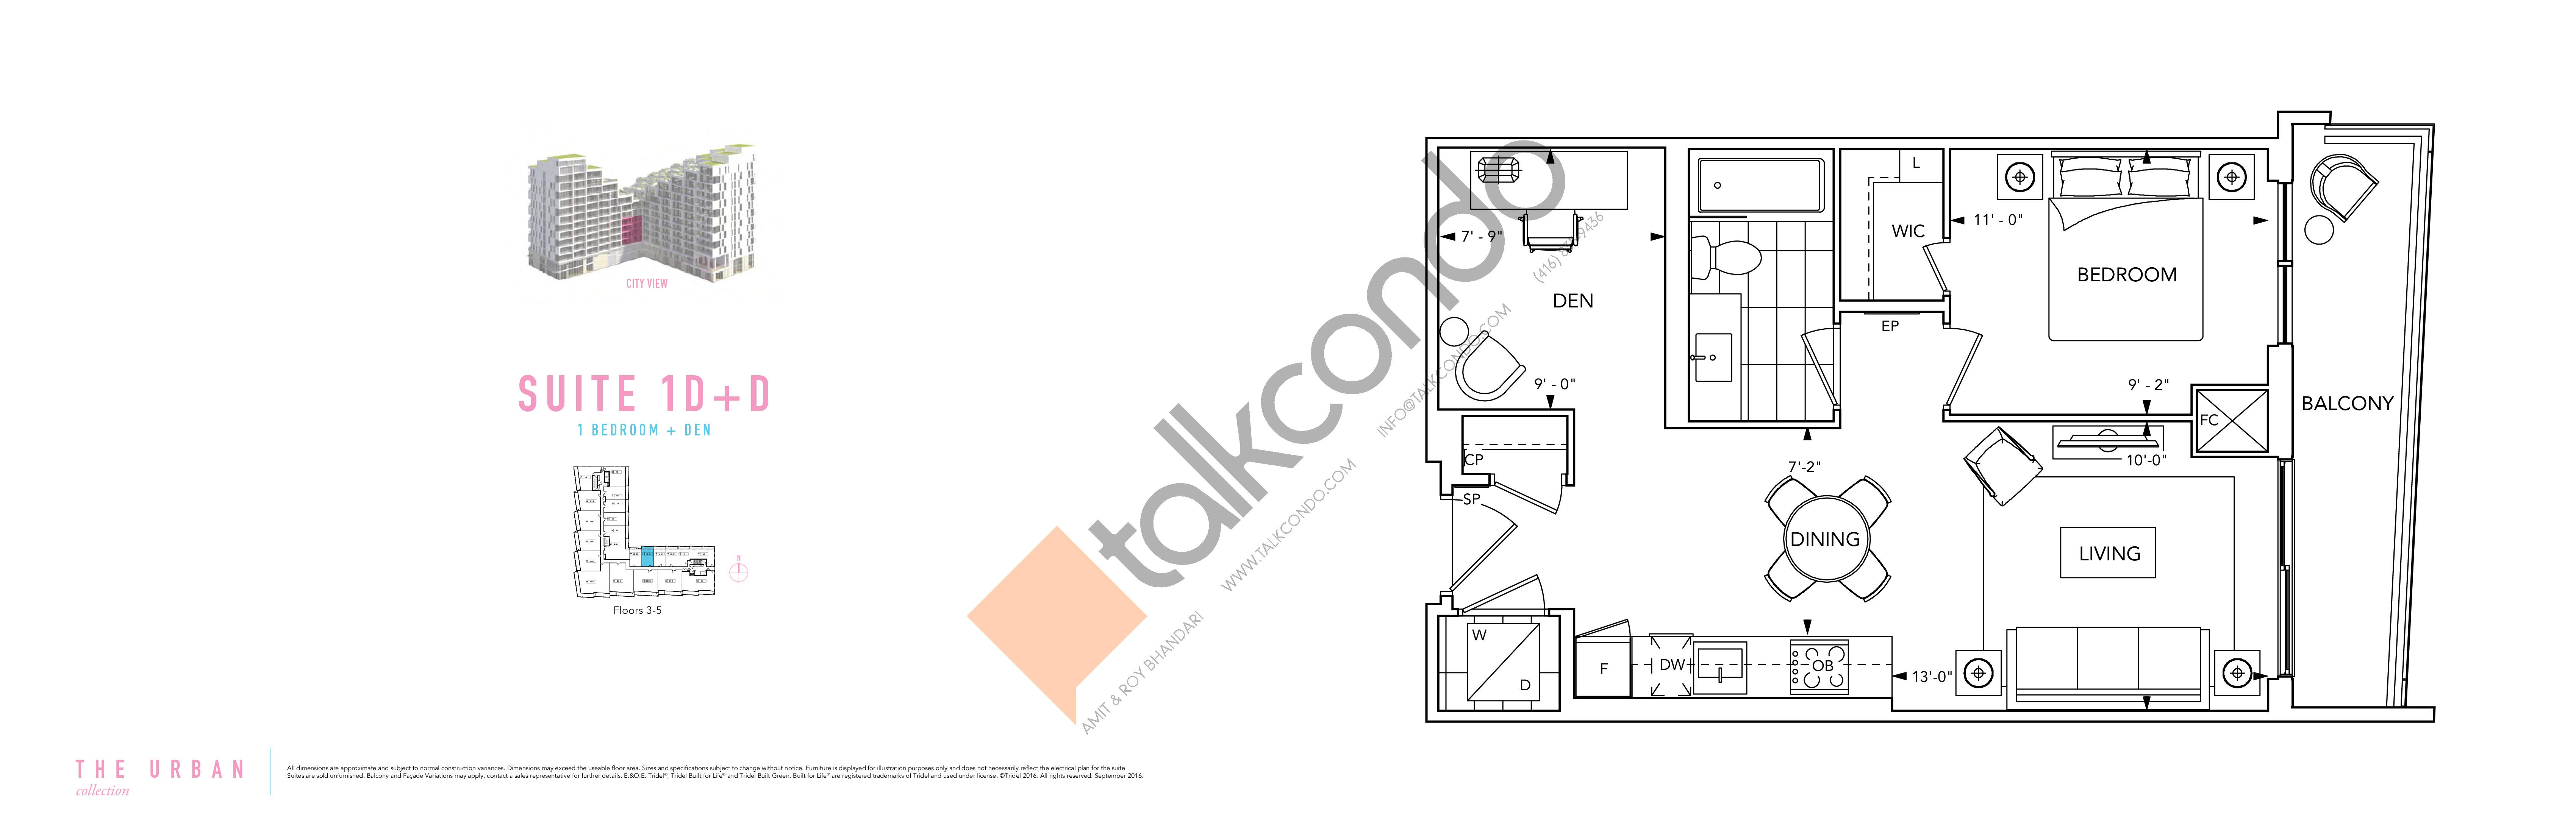 Suite 1D+D Floor Plan at Aquabella Condos - 601 sq.ft